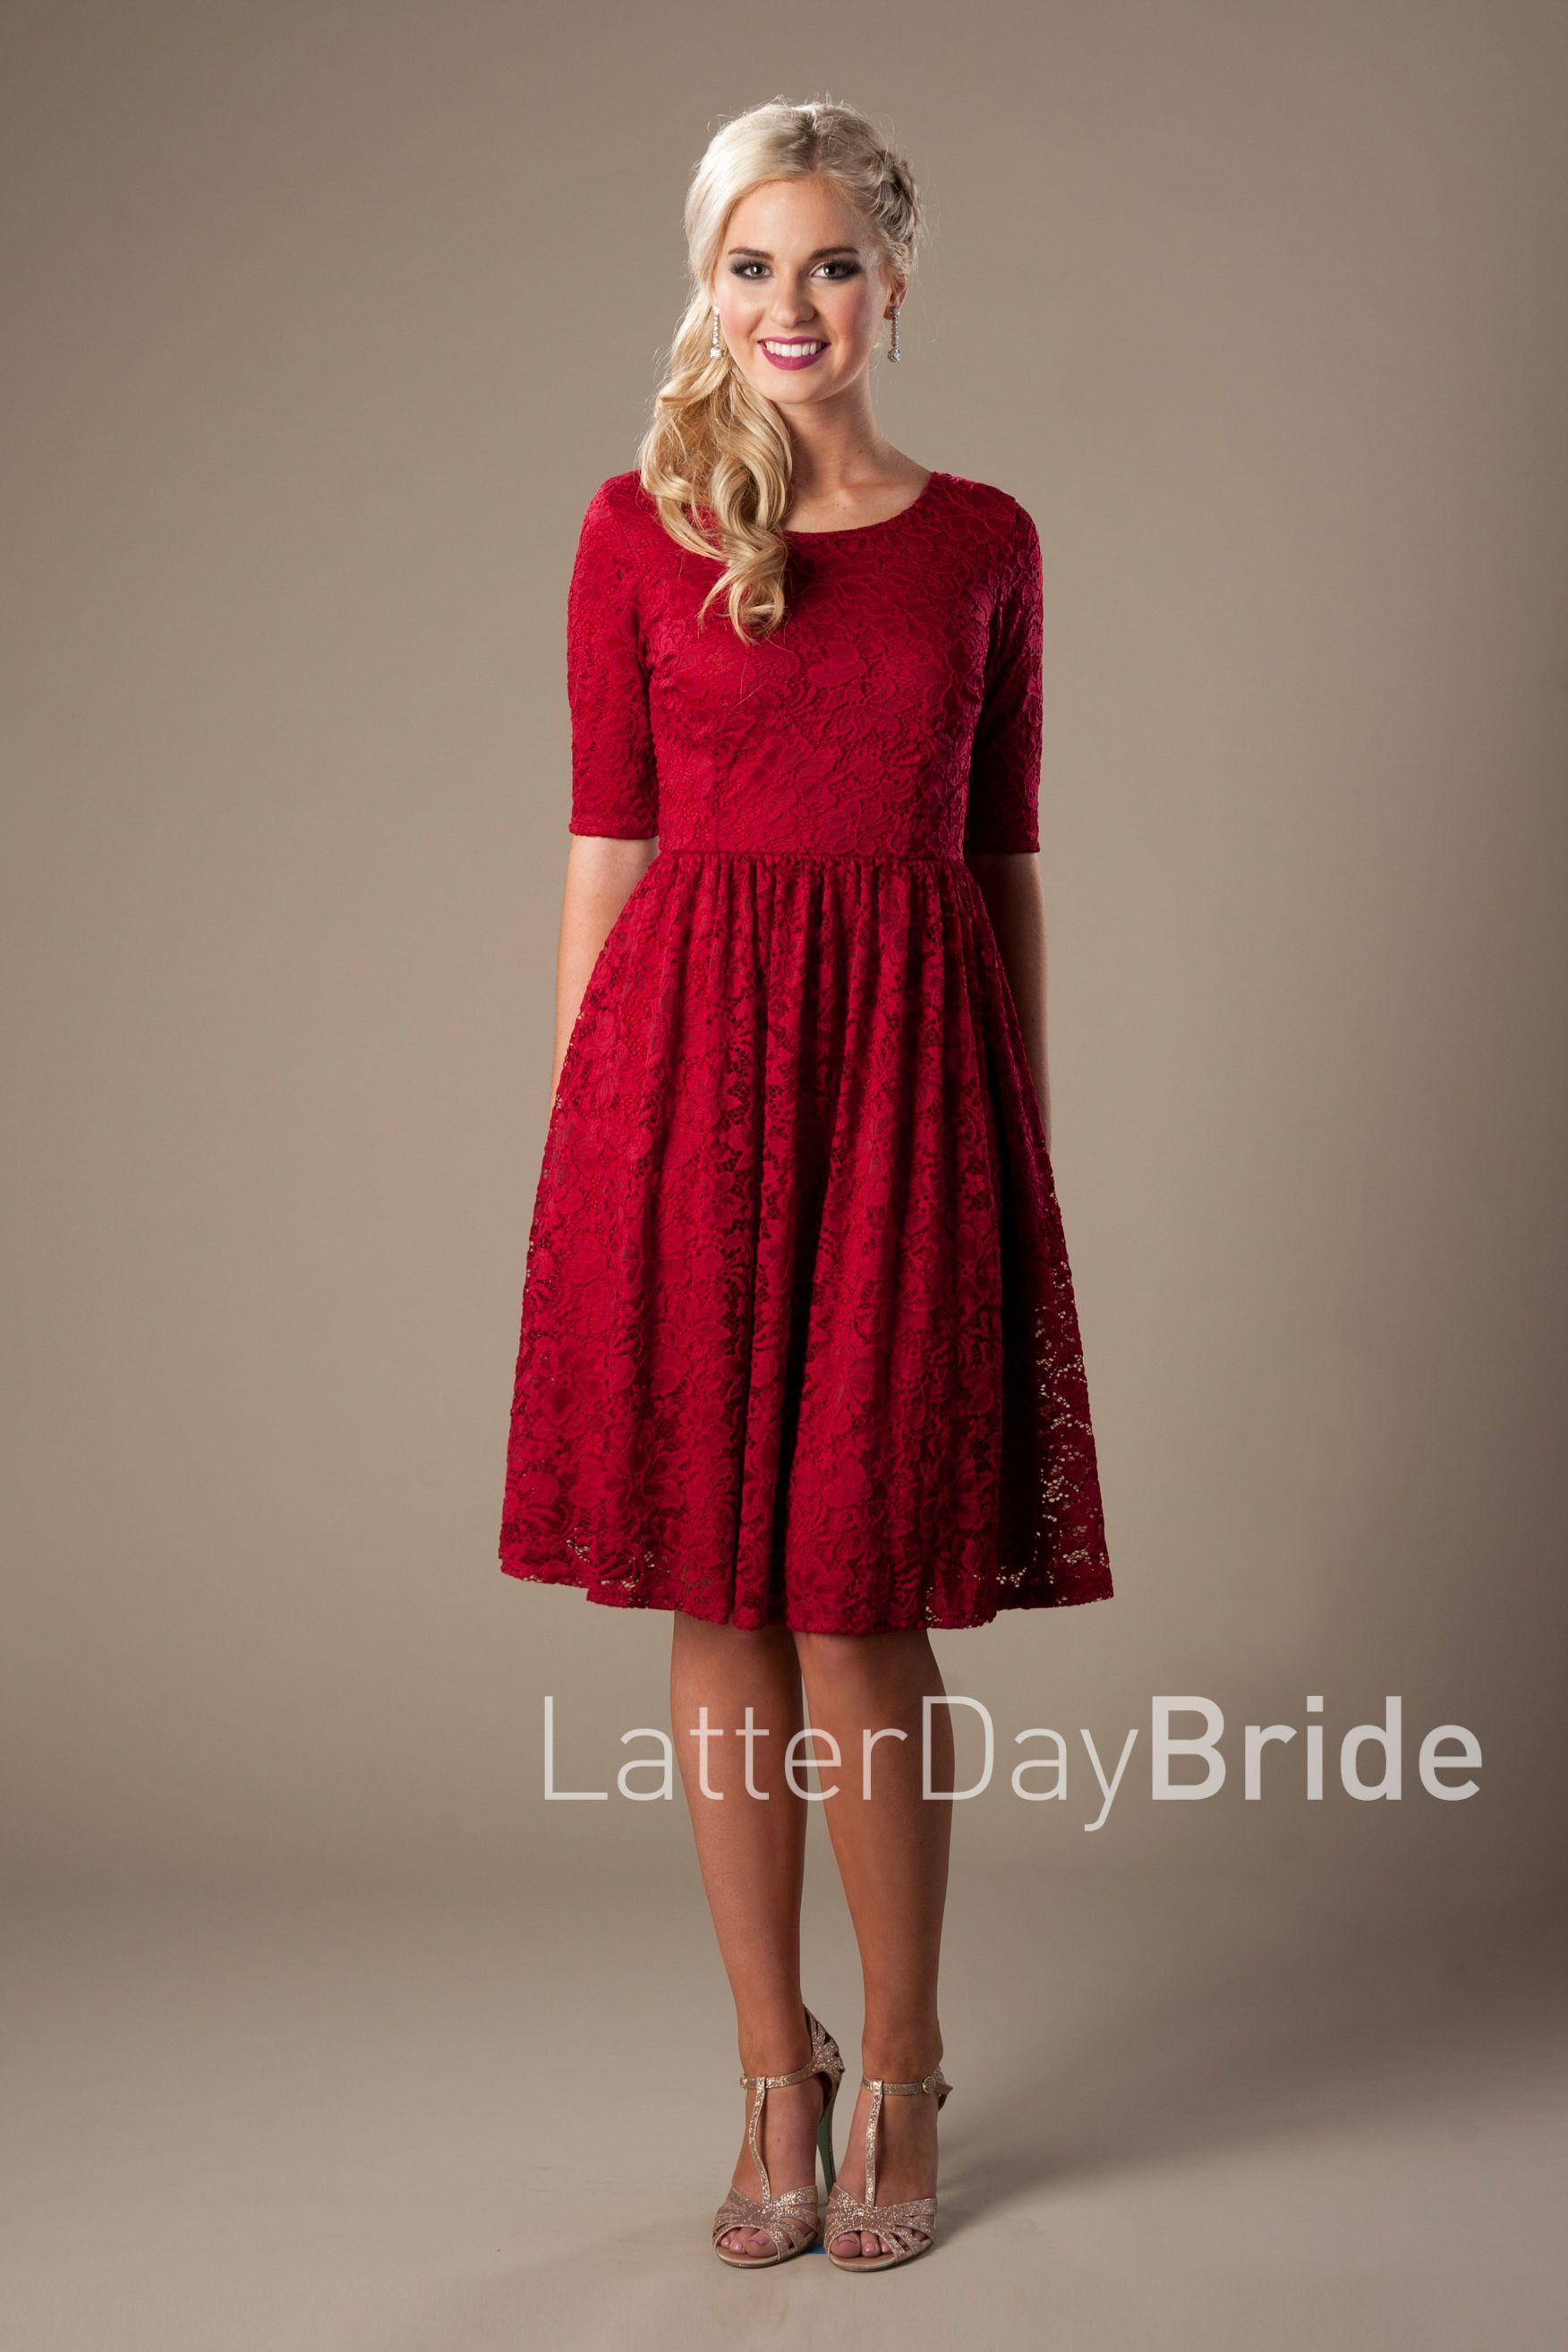 1c1e0d4749e5 MW22880 Modest Formal Dresses, Affordable Bridesmaid Dresses, Modest Outfits,  Lace Dresses, Latter